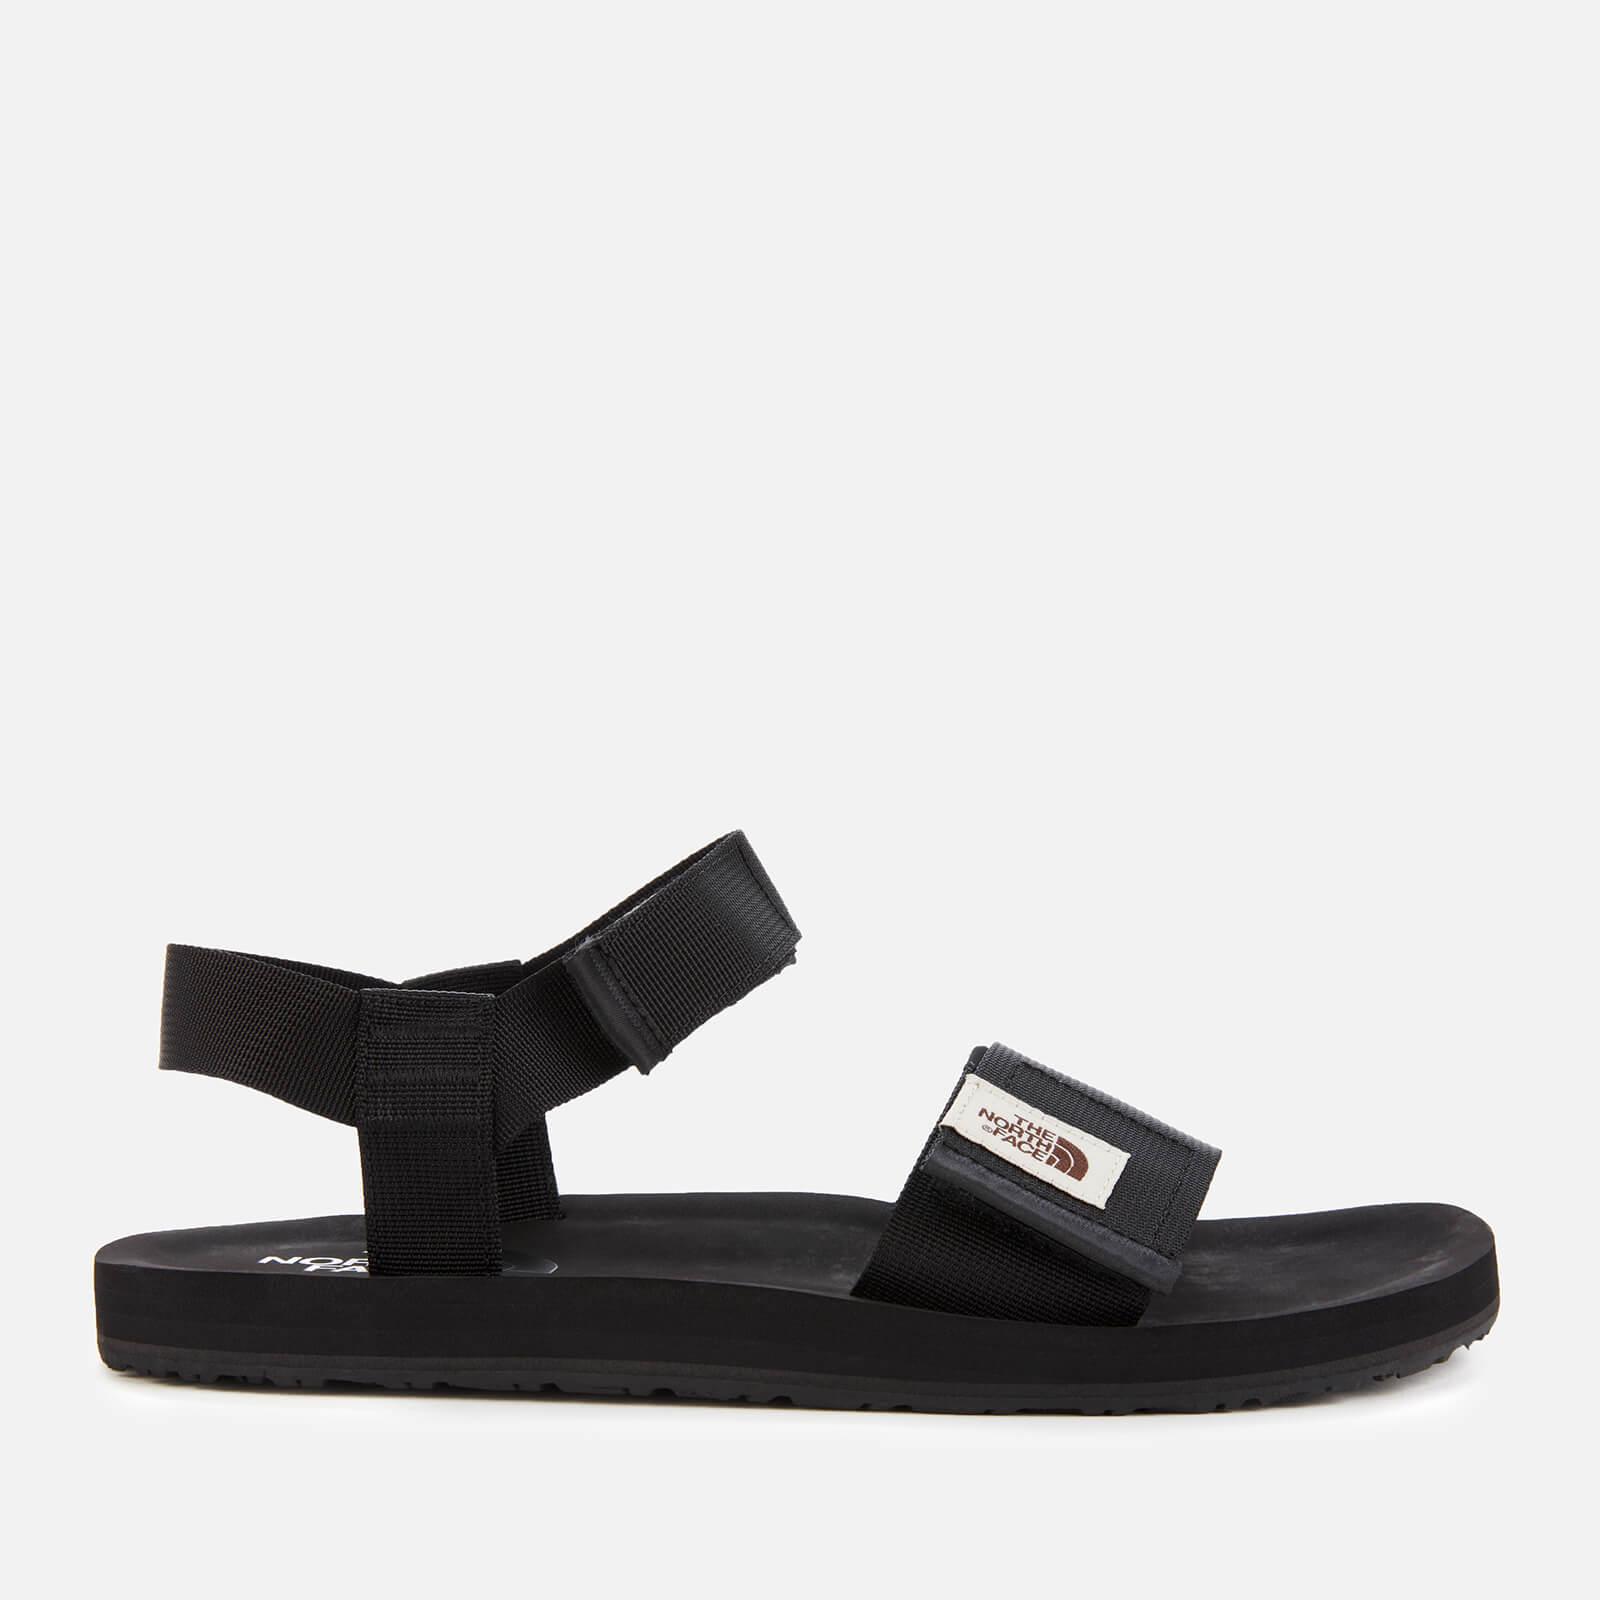 The North Face Men's Skeena Sandals - Black